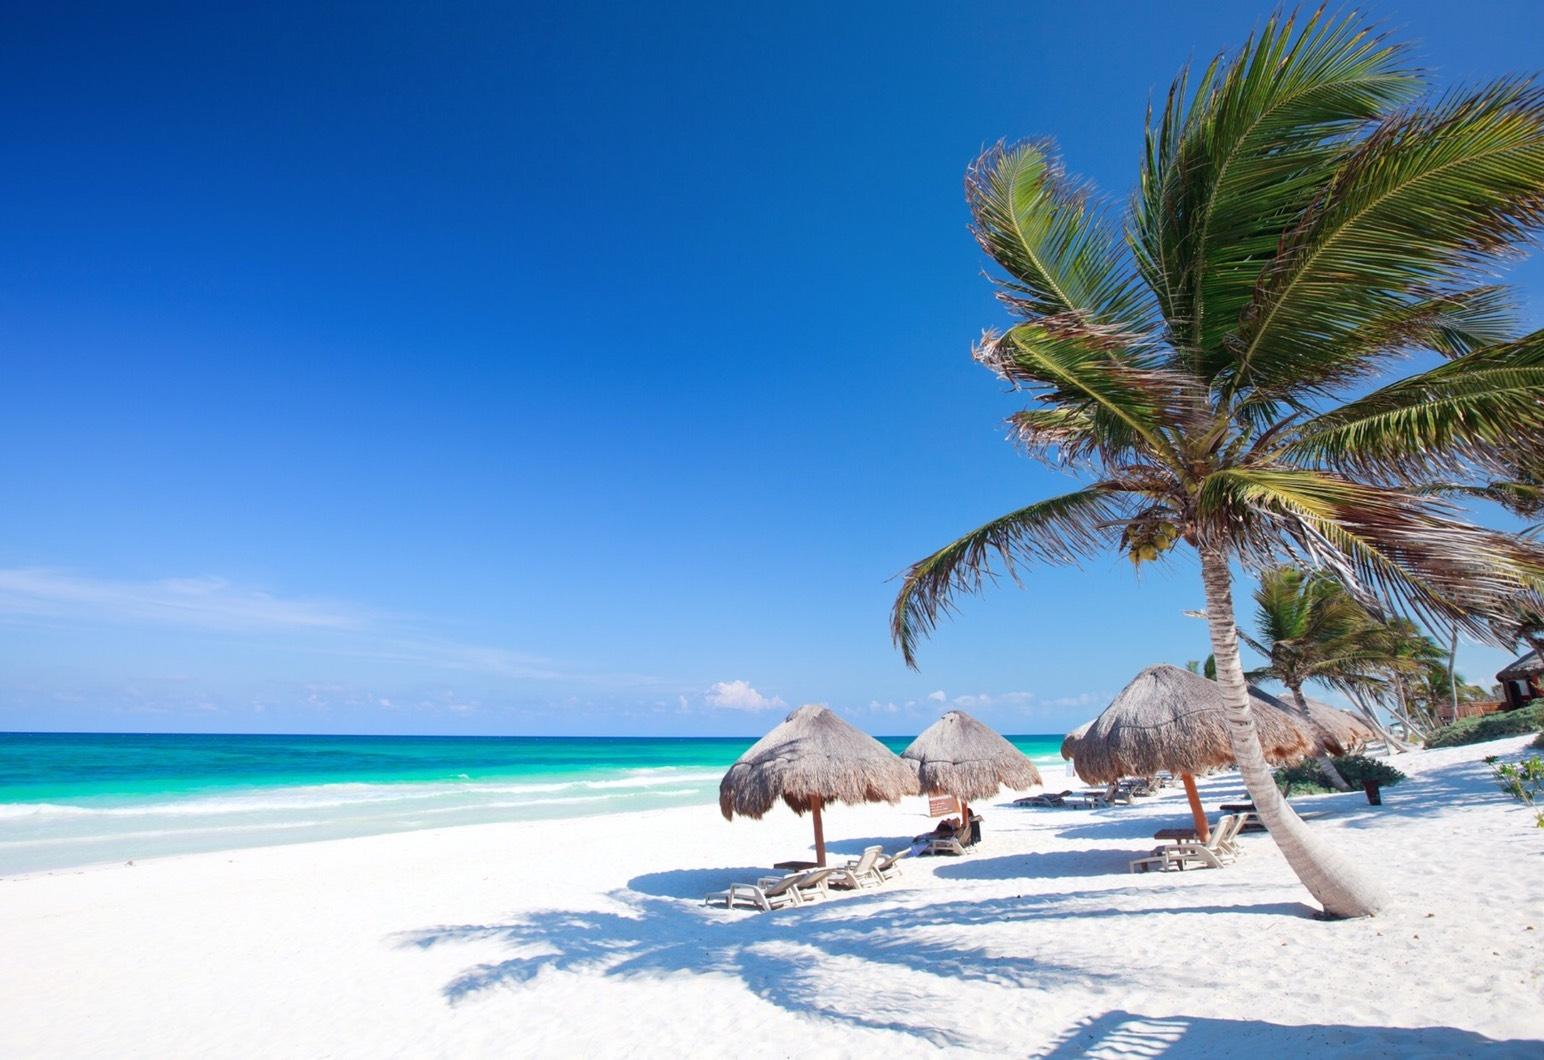 航向加勒比海的熱情奔放 (Sponsored)